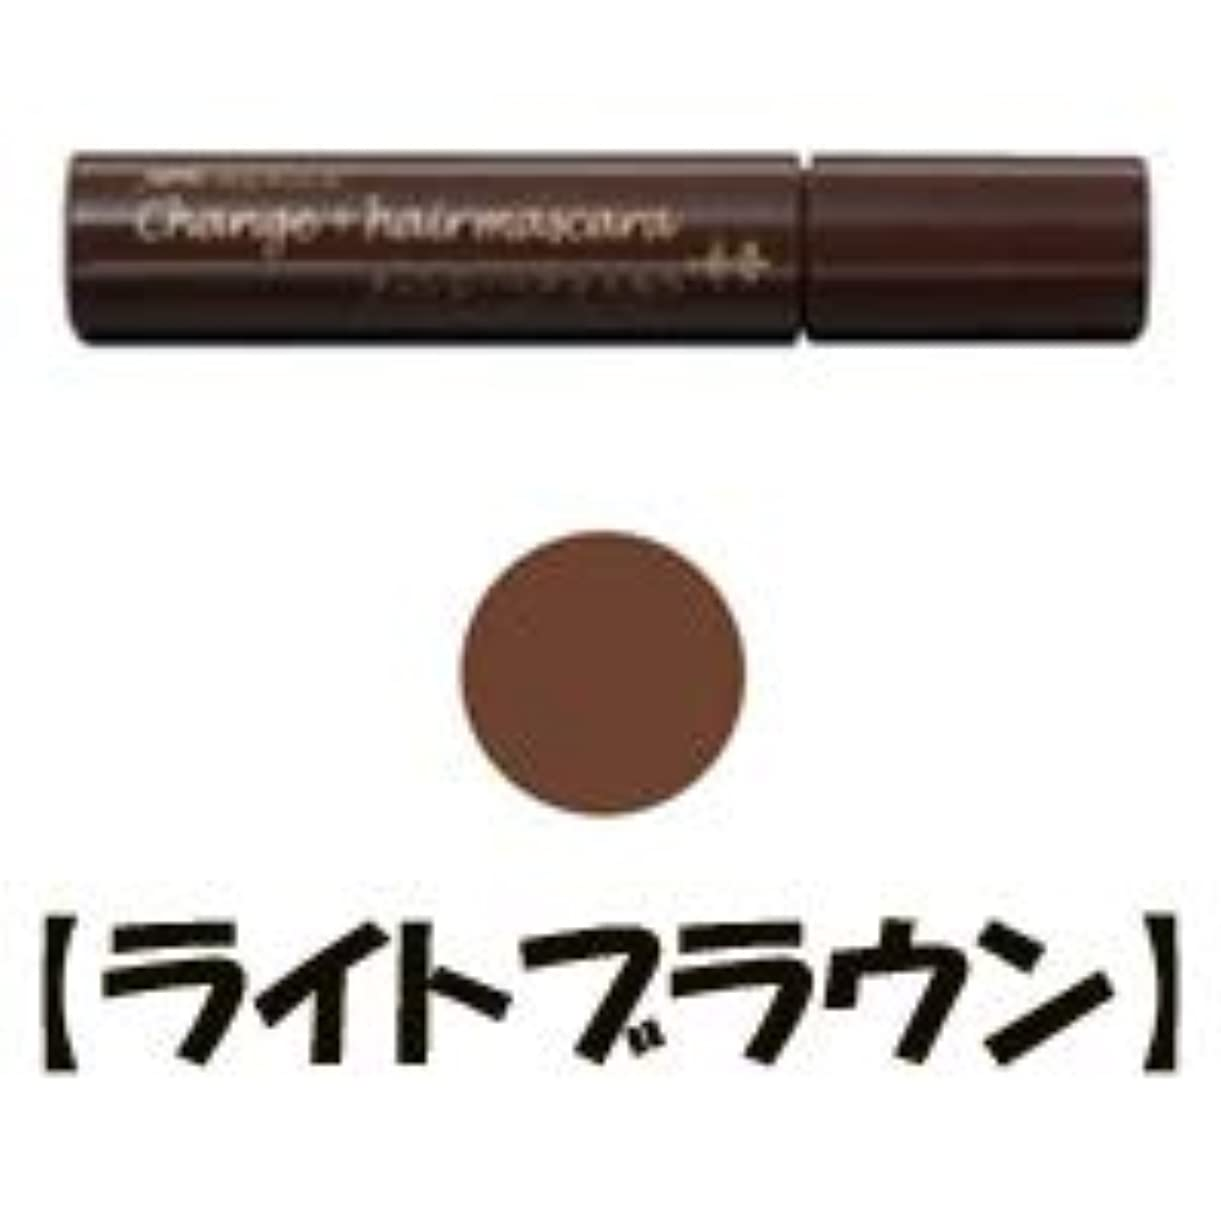 構想するブラケット下品メリカ チェンジヘアマスカラ (ライトブラウン) 10ml